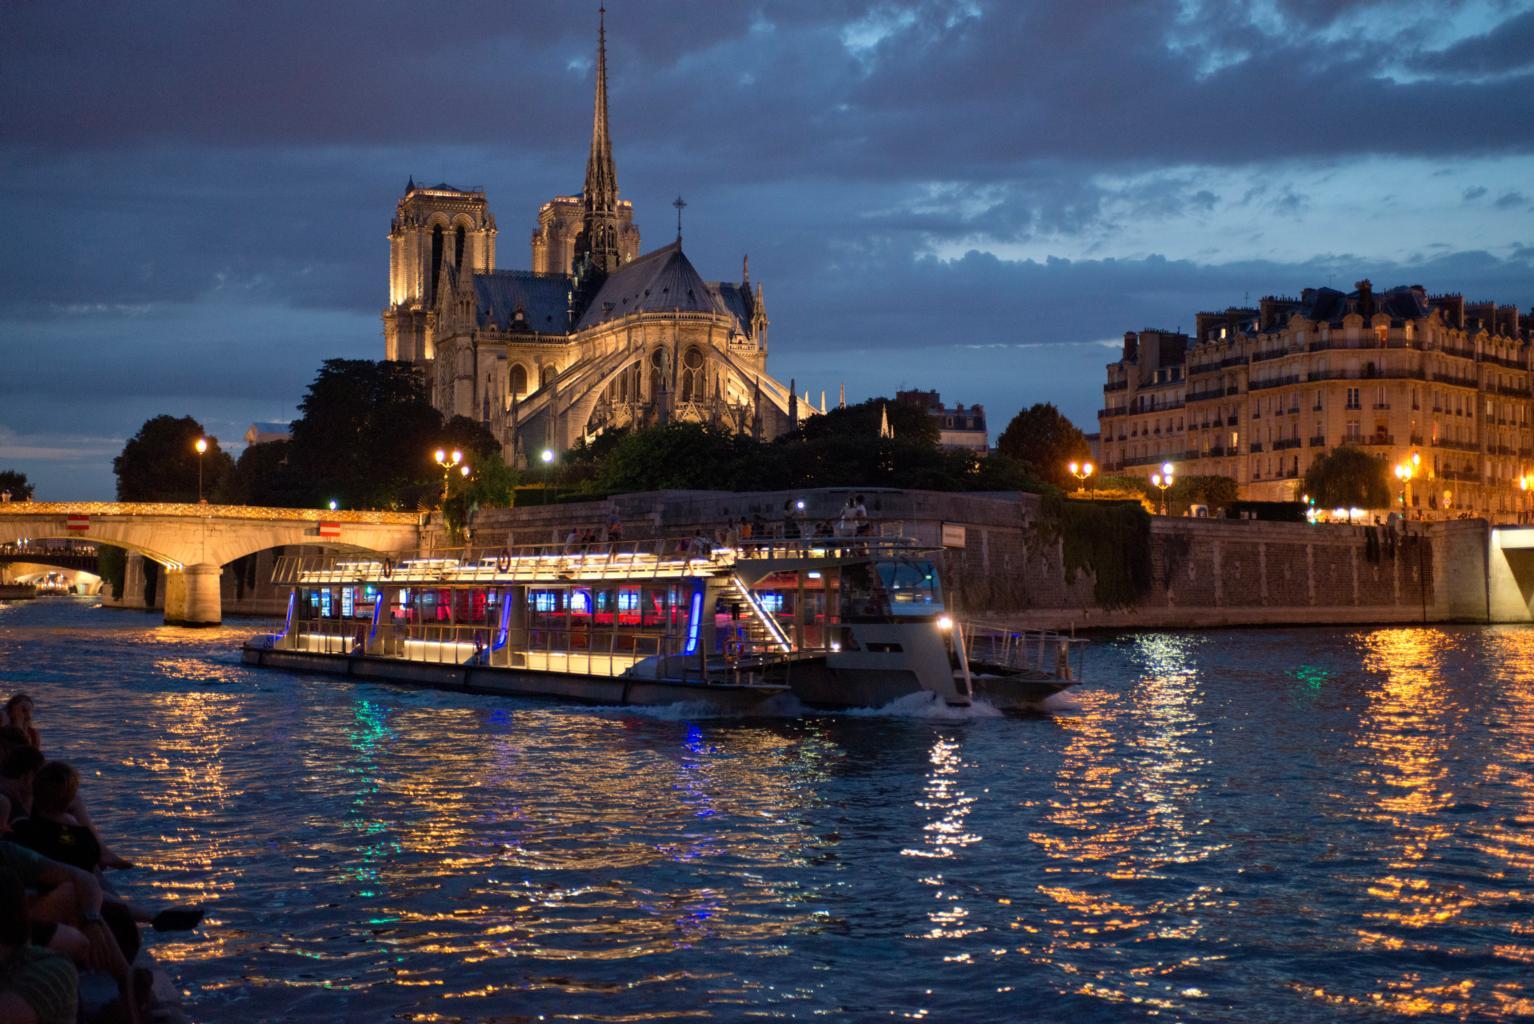 bateaux de nuit devant Notre Dame de Paris